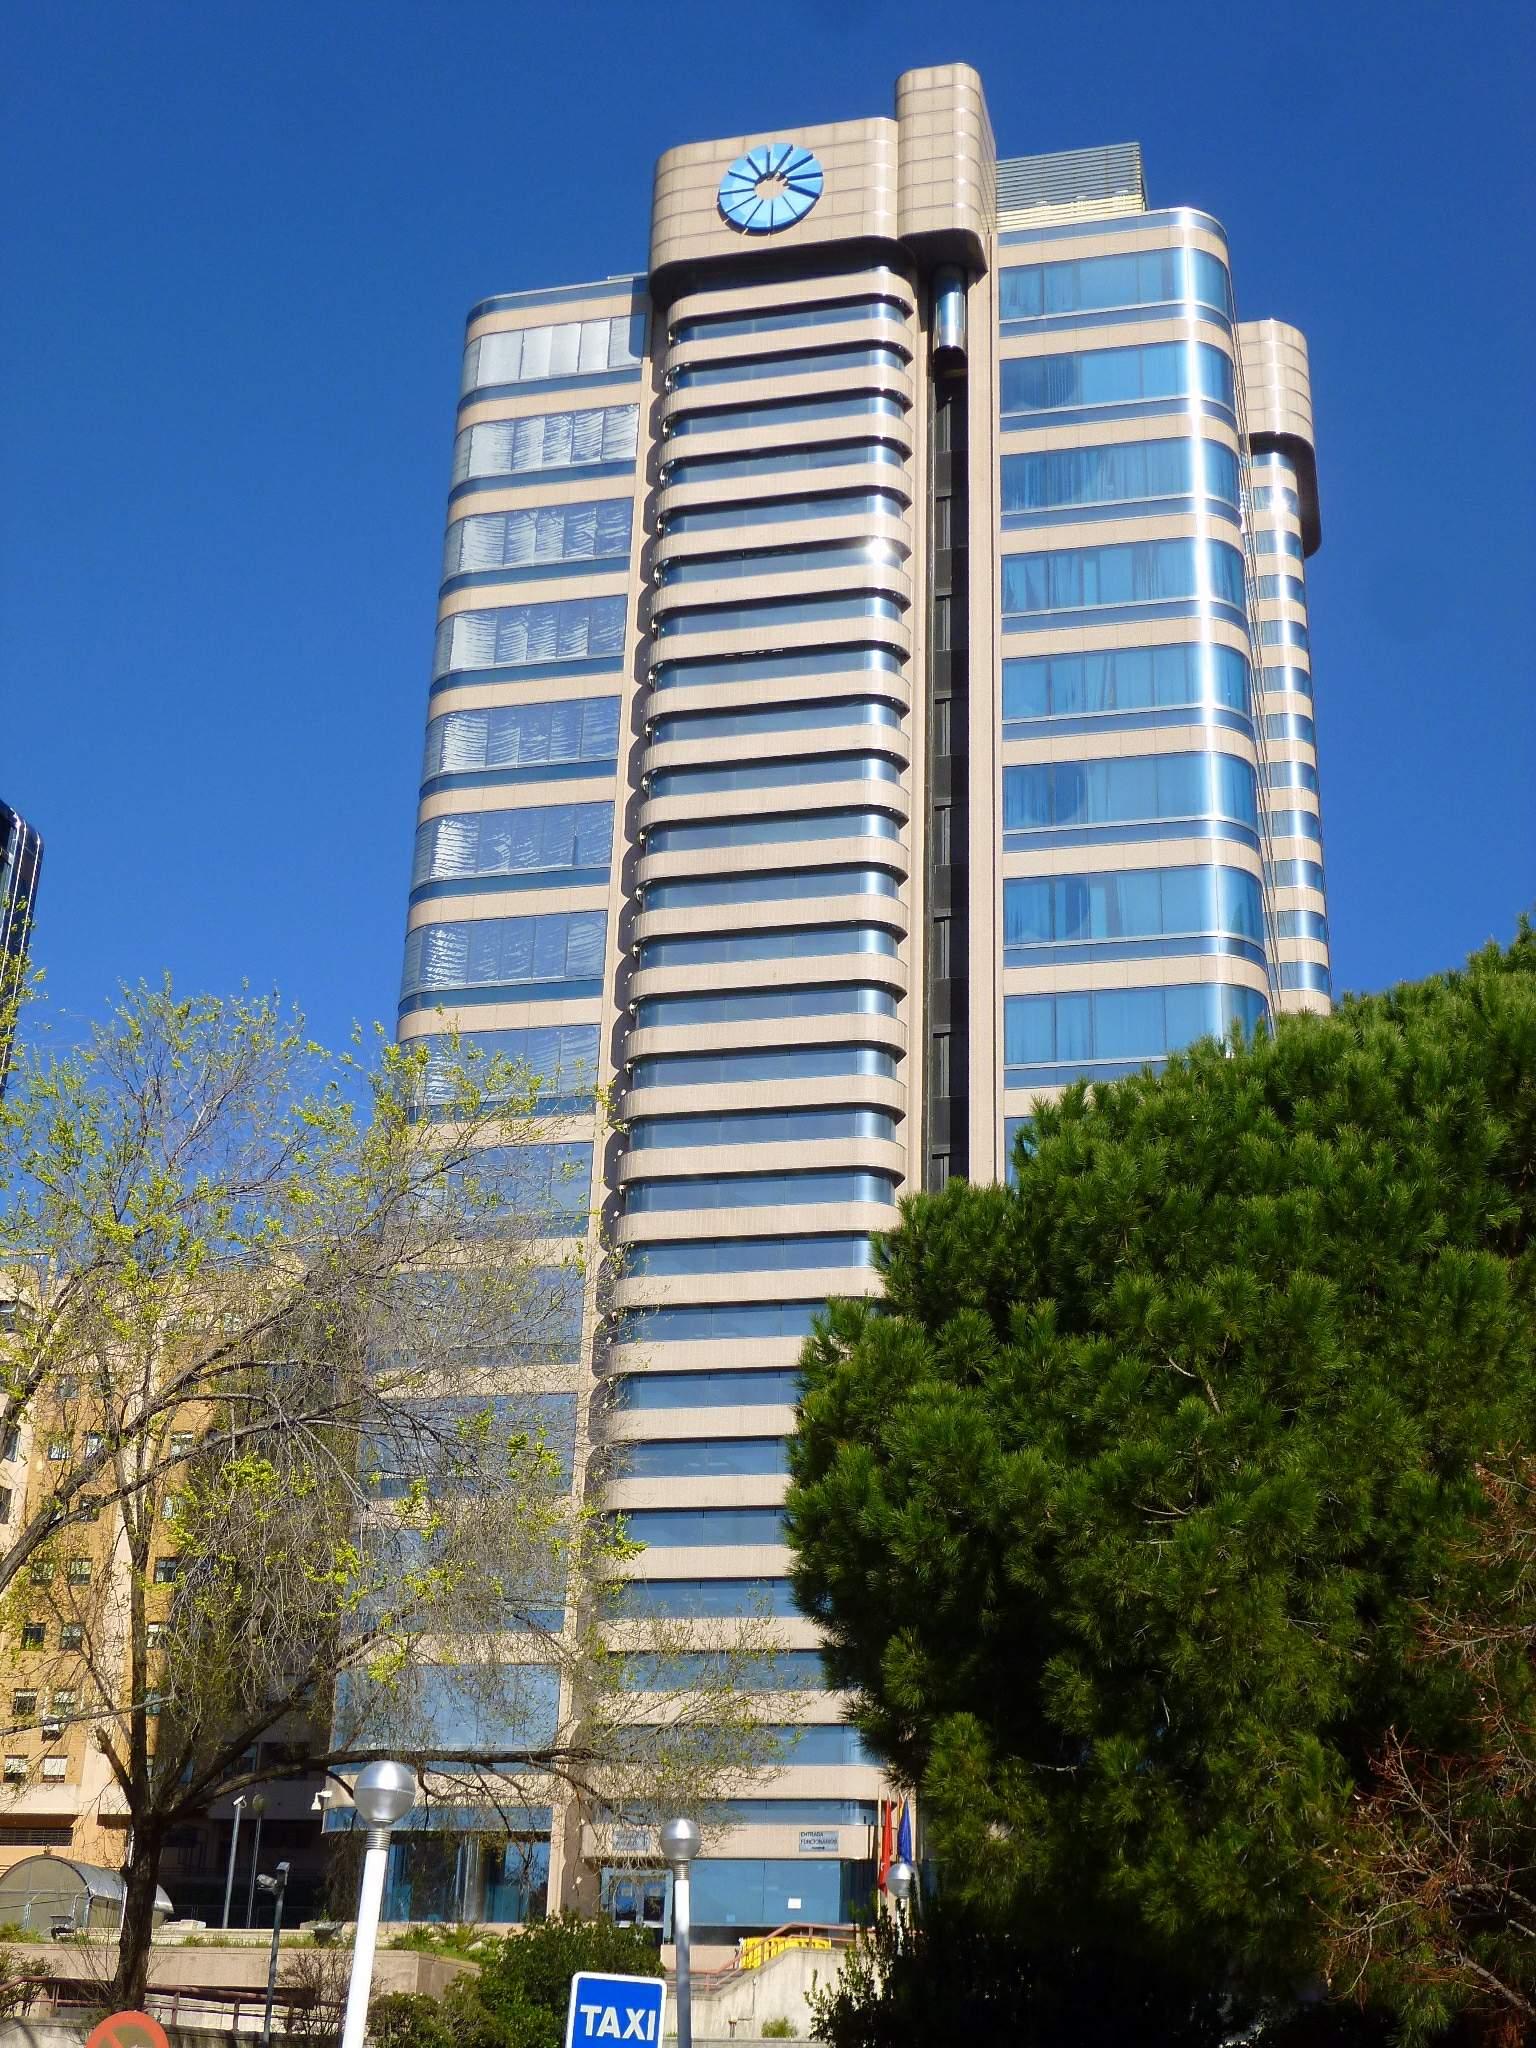 Audiencia provincial de madrid wikipedia la - Calle santiago madrid ...